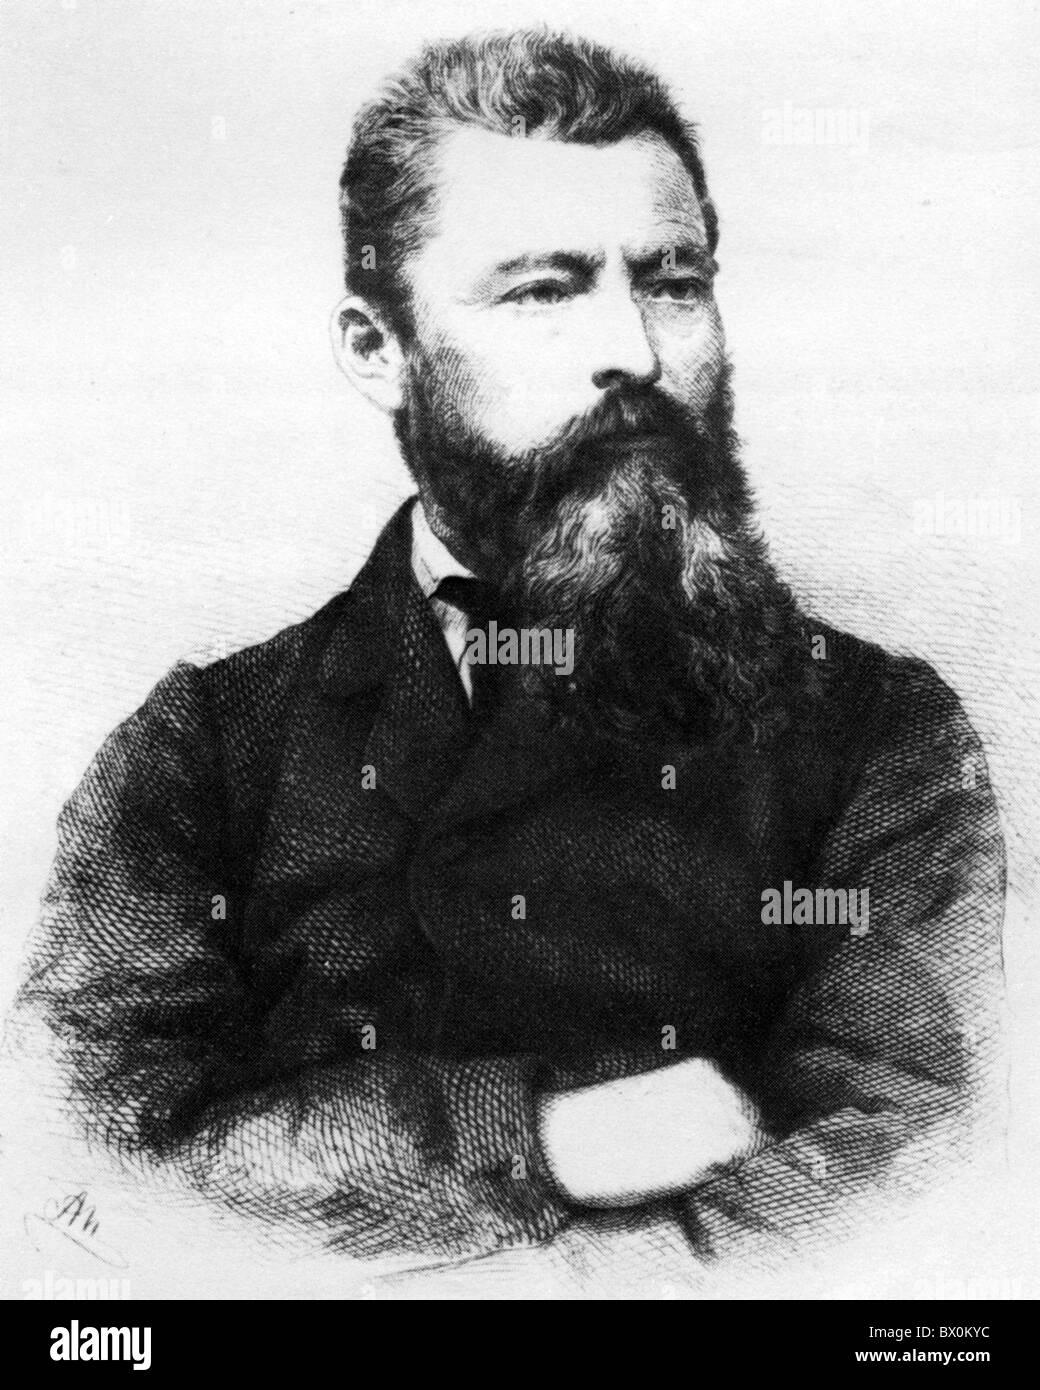 LUDWIG von FEUERBACH (1804-1872) German philospher - Stock Image